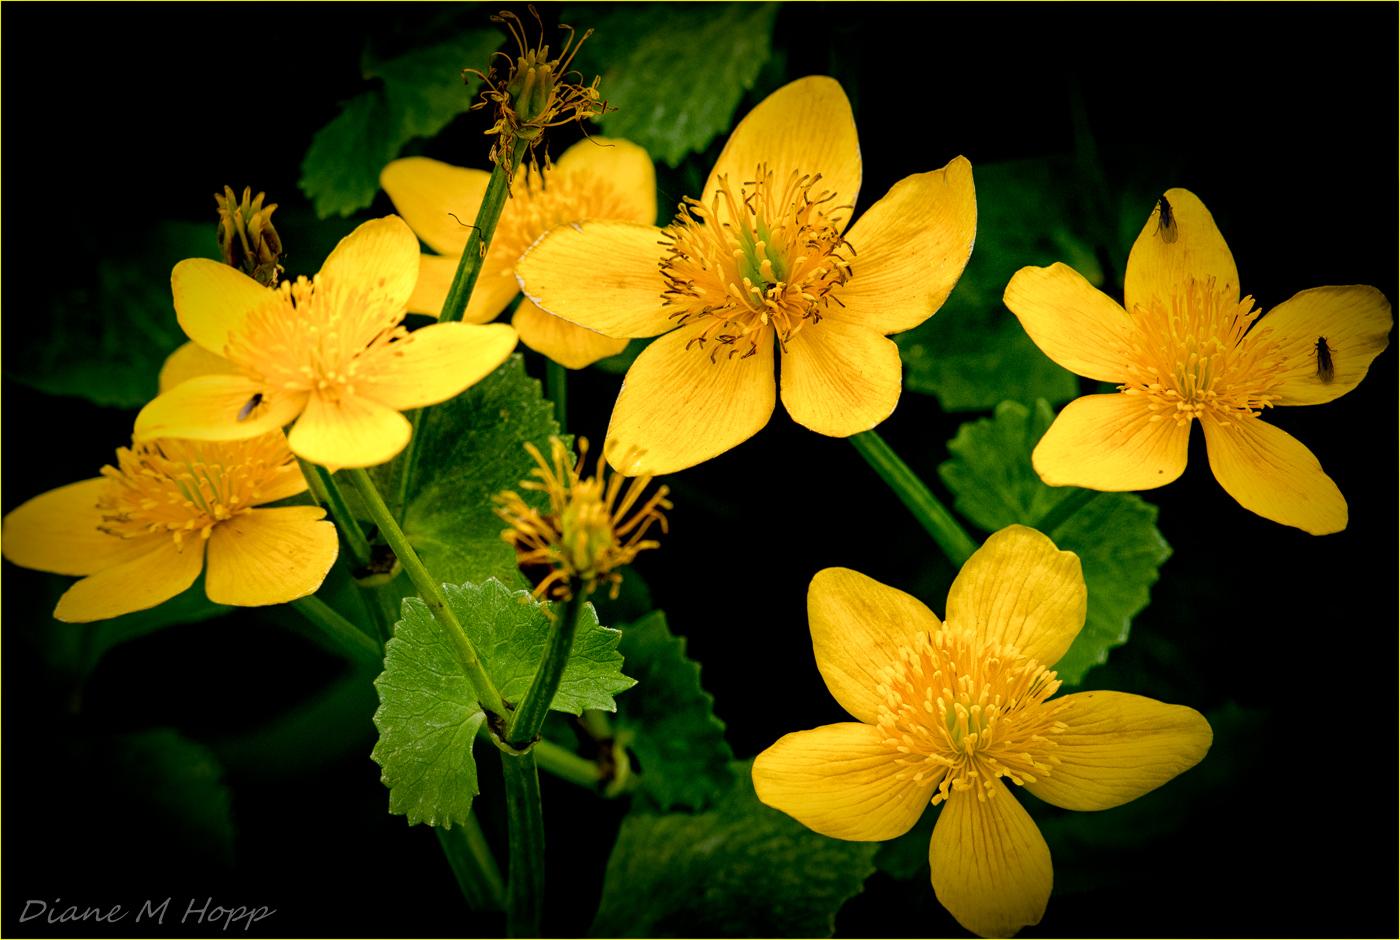 Marsh Marigolds - DMHopp